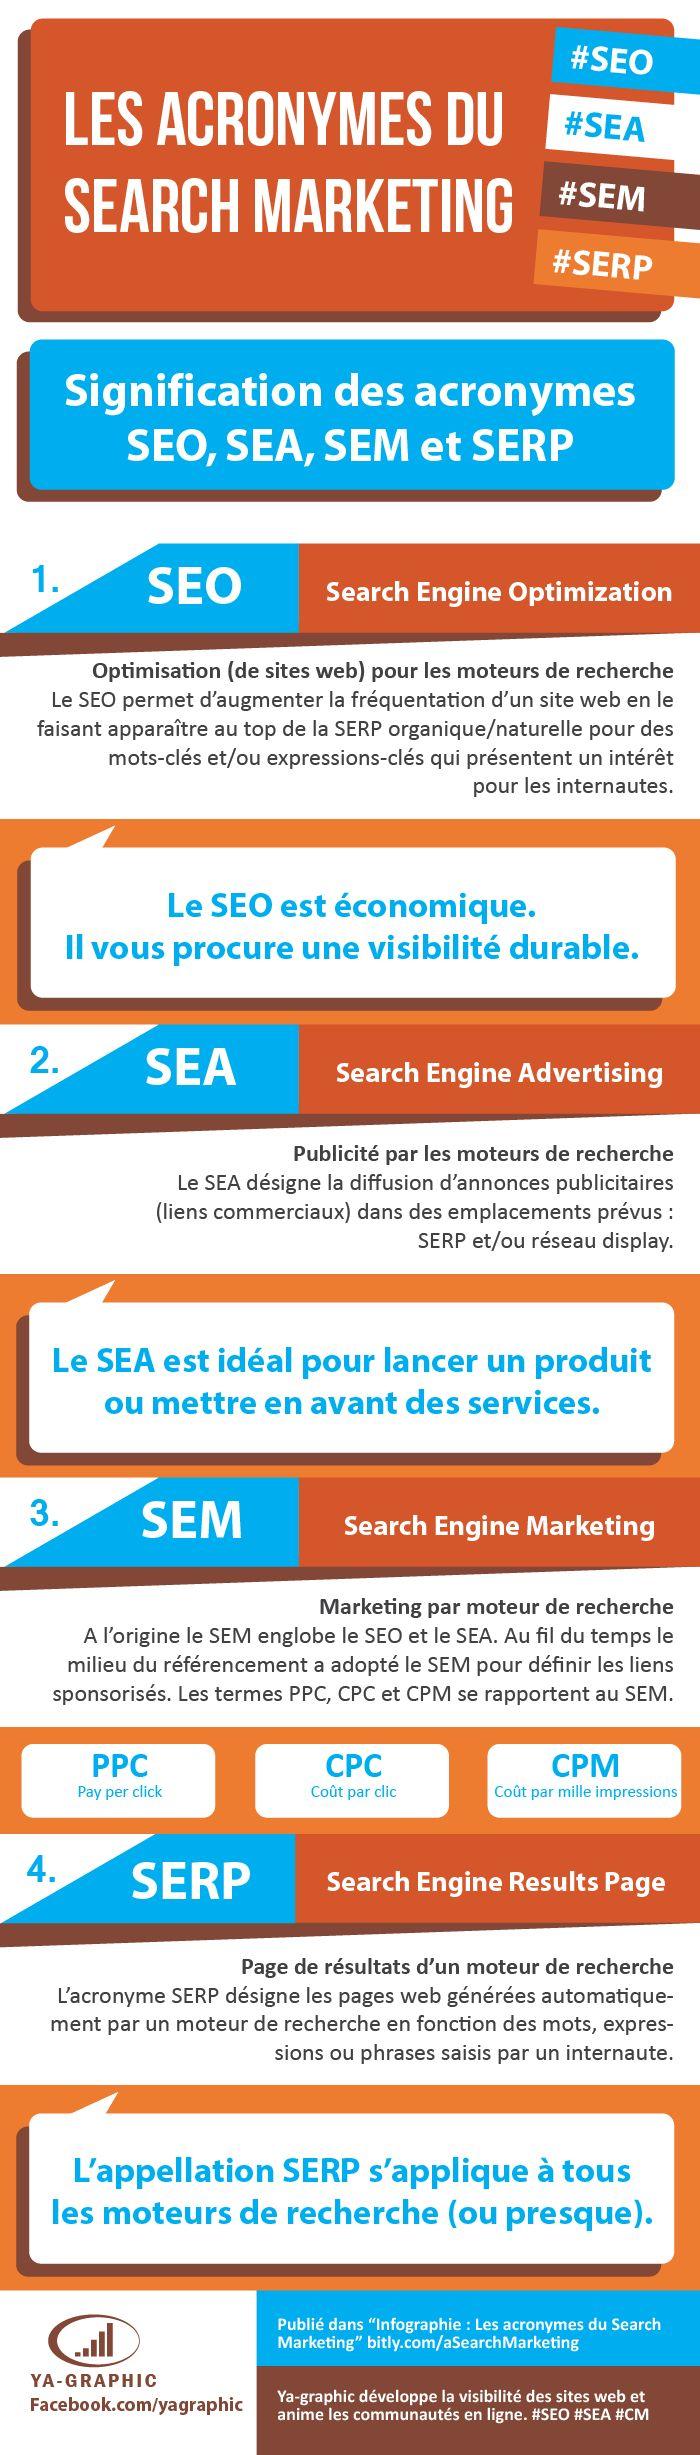 Infographie : les acronymes du Search #Marketing (SEO,SEA, SEM,...) enfin tous expliqués ! by ya-graphic.com